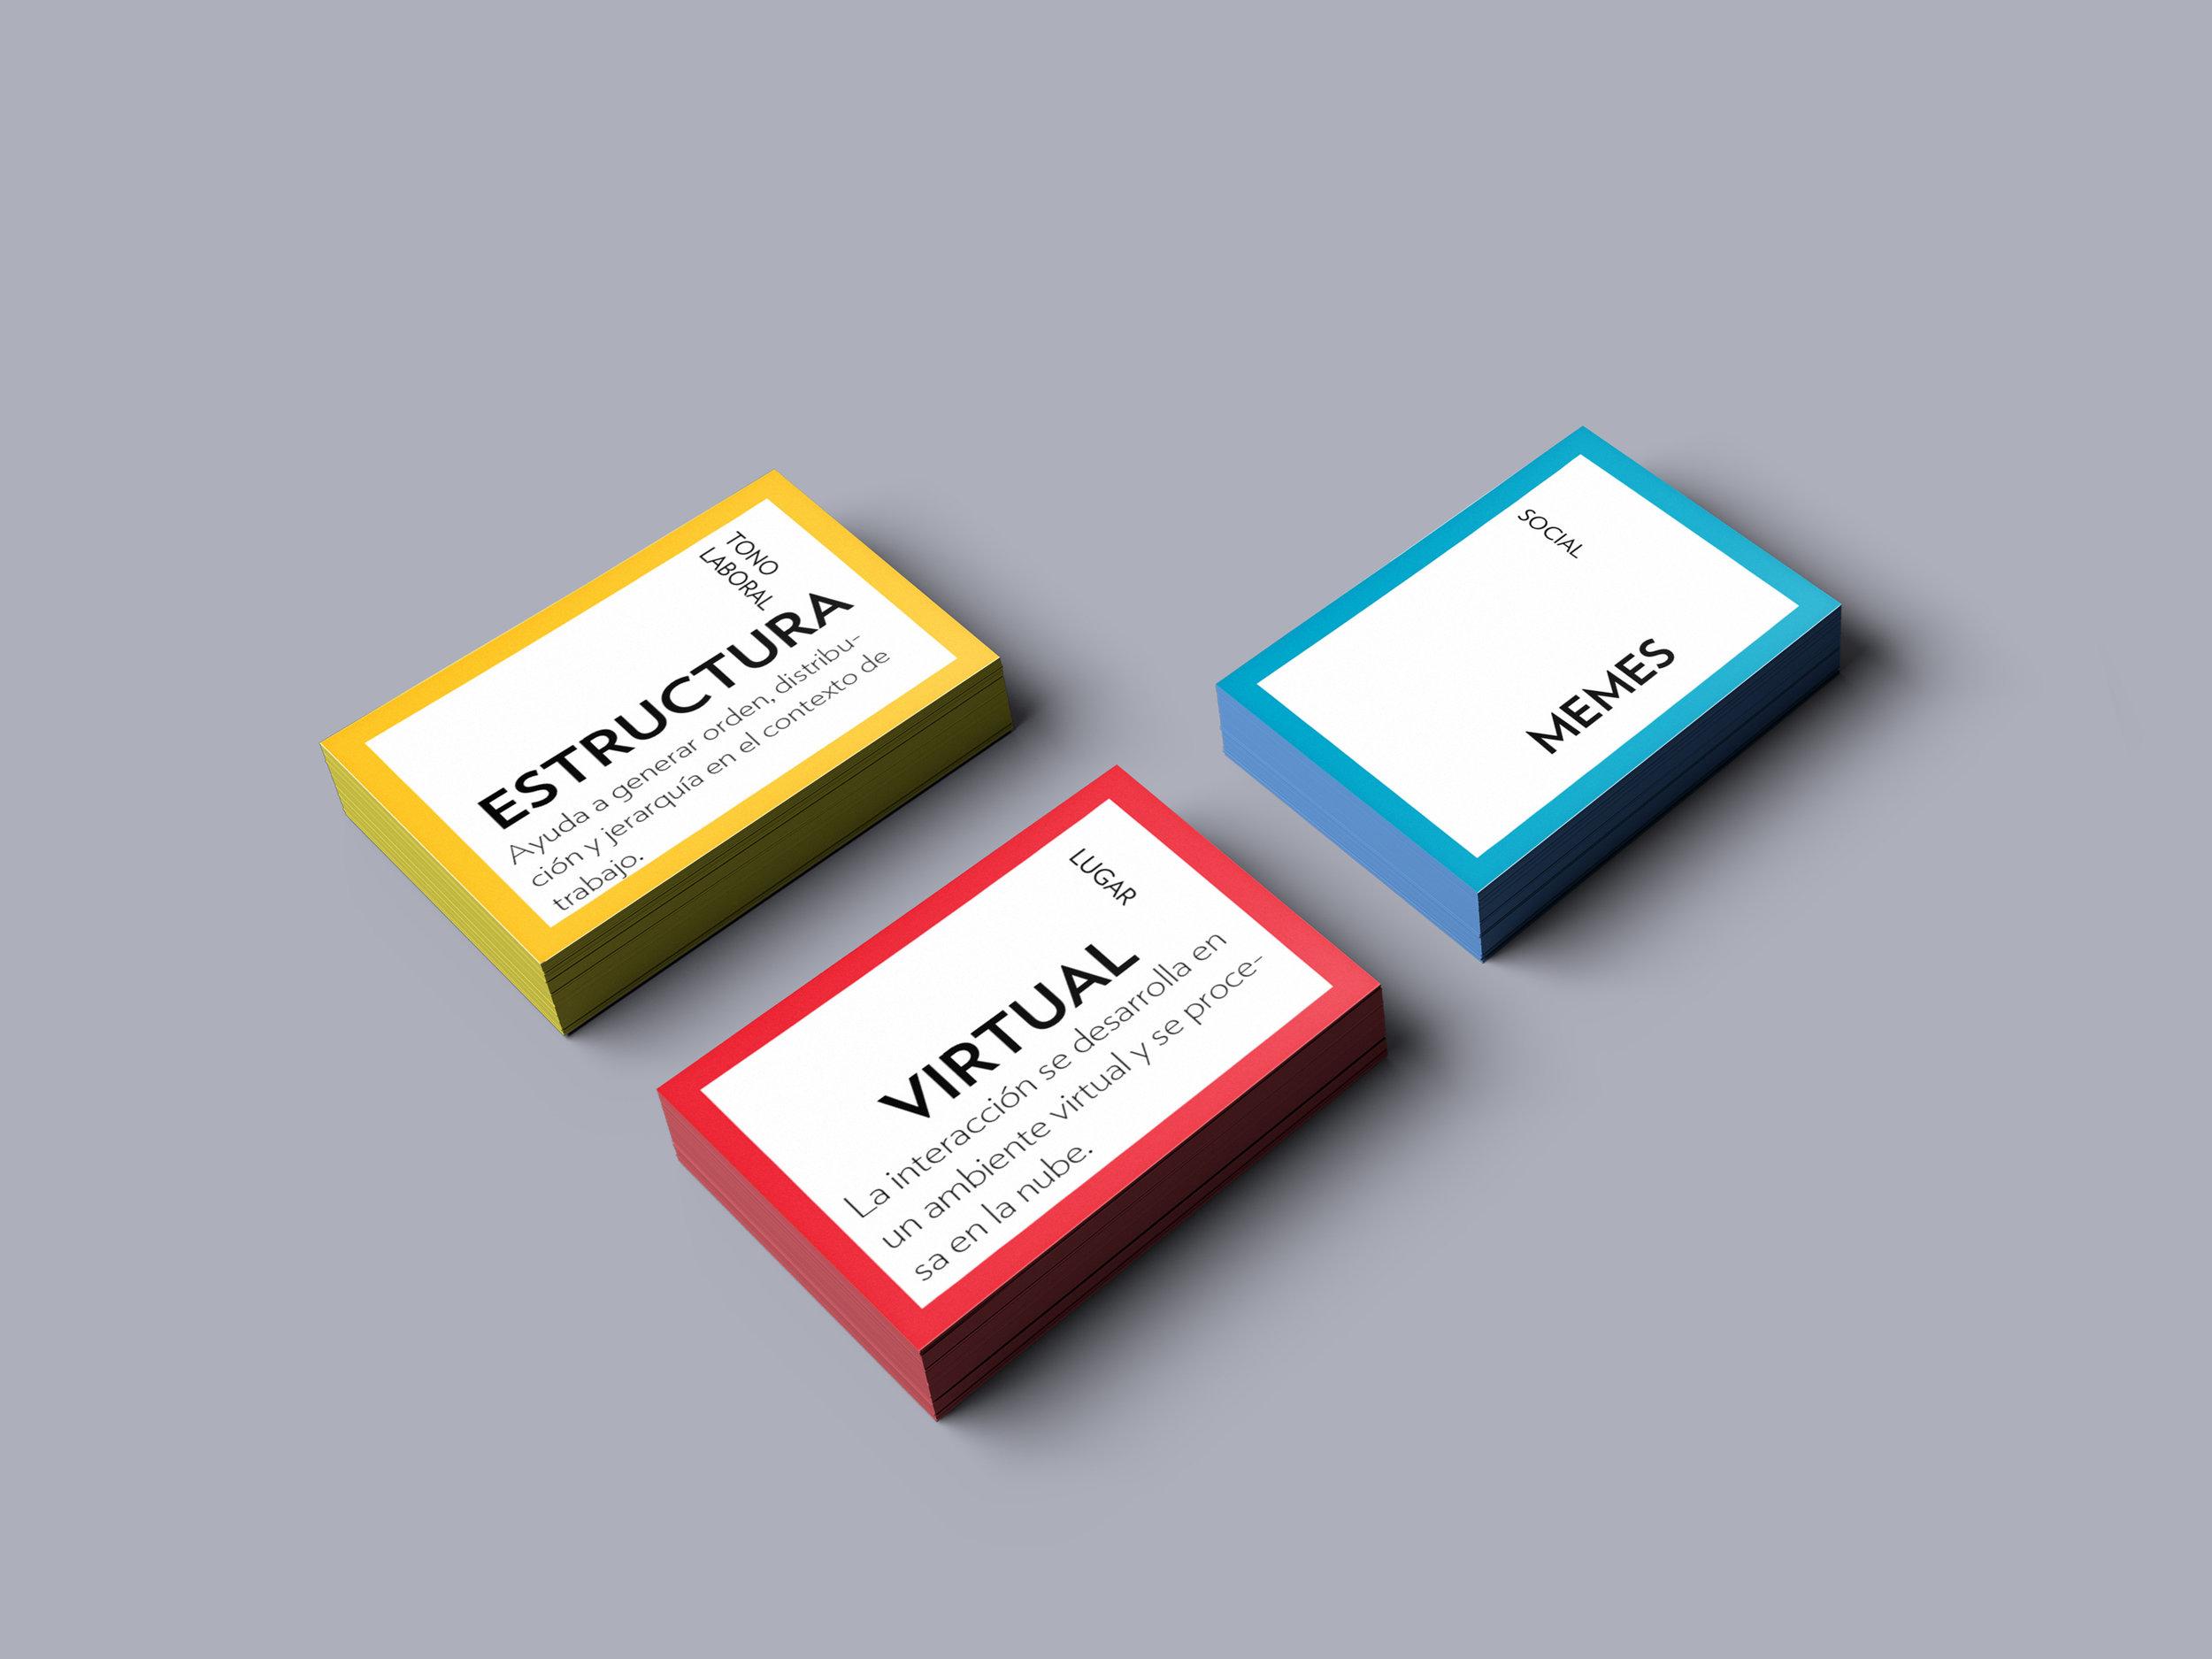 Gamecard_1SV.jpg